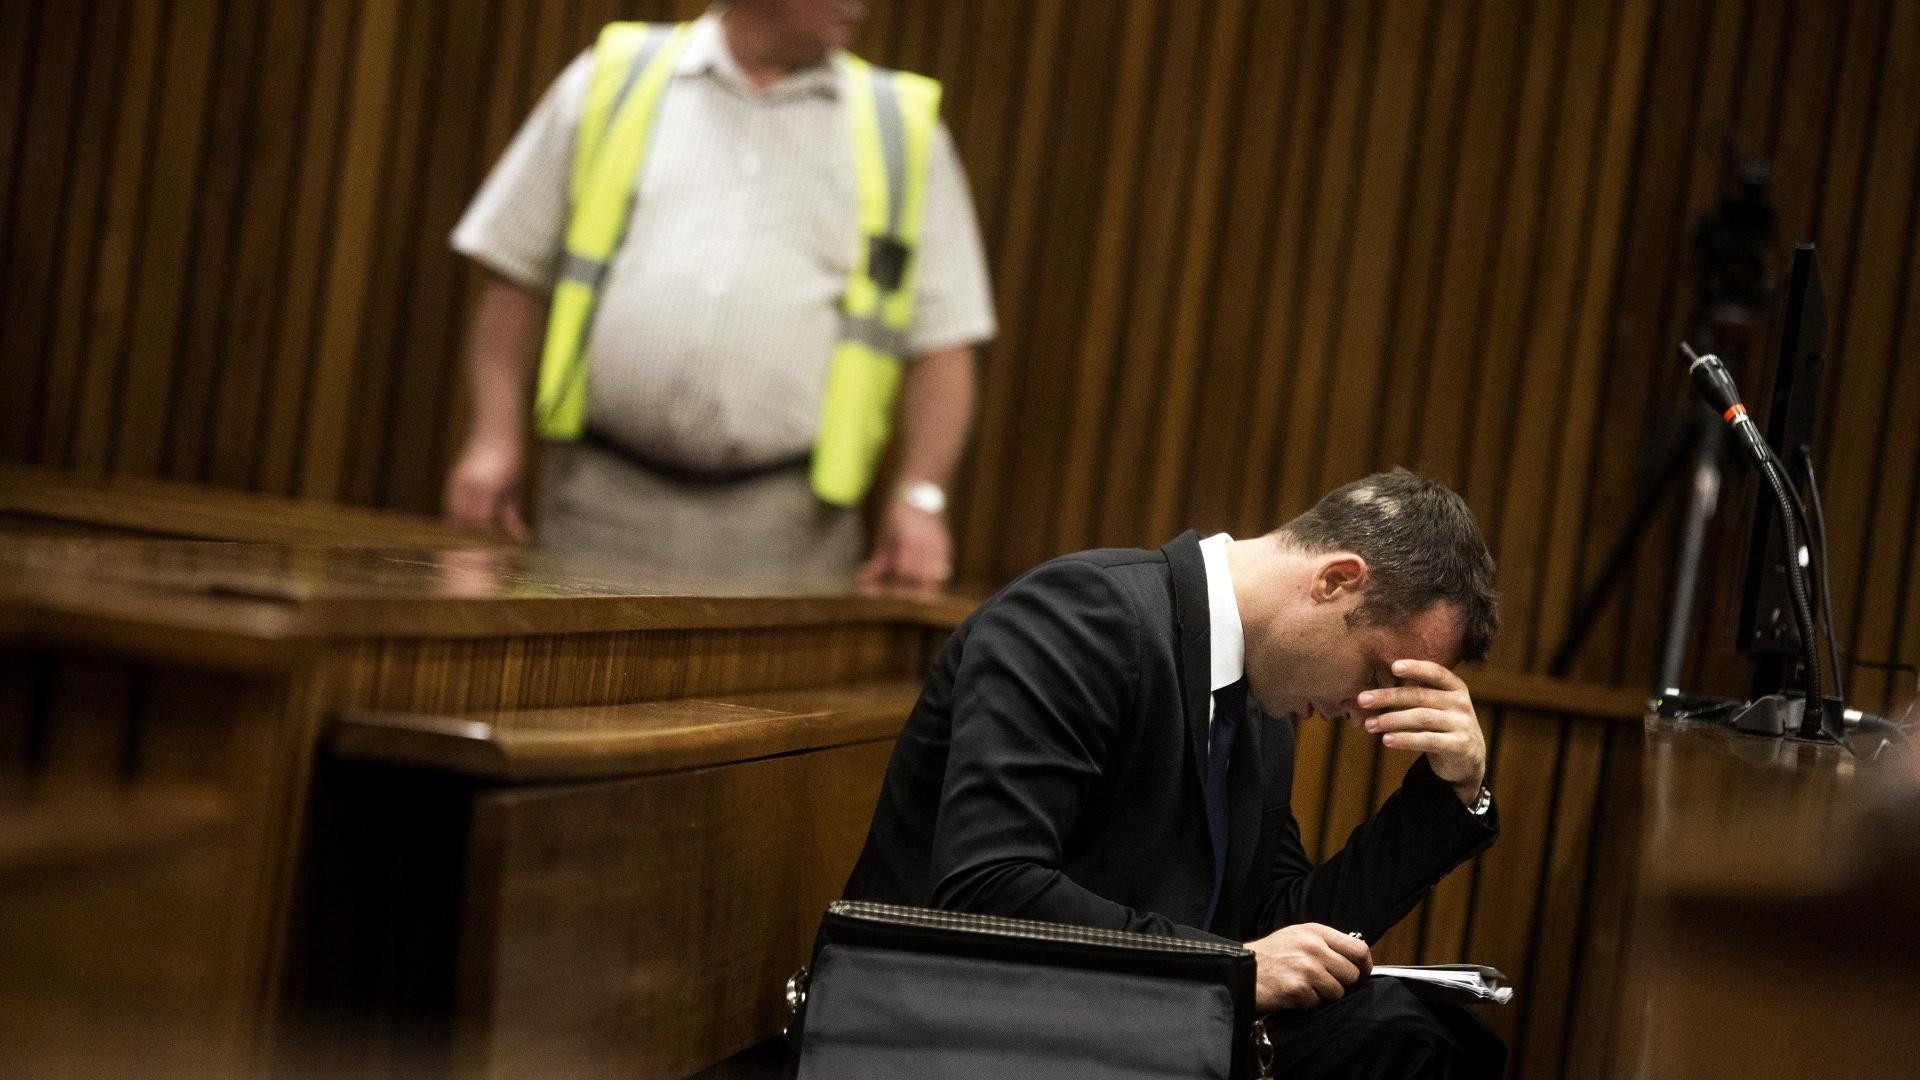 6.mar.2014 - O atleta paraolímpico sul-africano Oscar Pistorius participa do quarto dia de seu julgamento pelo assassinato de sua namorada, Reeva Steenkamp, na Alta Corte de Pretória, nesta quinta-feira (6). Segundo uma testemunha que depôs, em outro caso anterior à morte da modelo, Pistorius disparou uma arma em um restaurante, atingindo o pé de um amigo, e pediu a alguém para levar a culpa